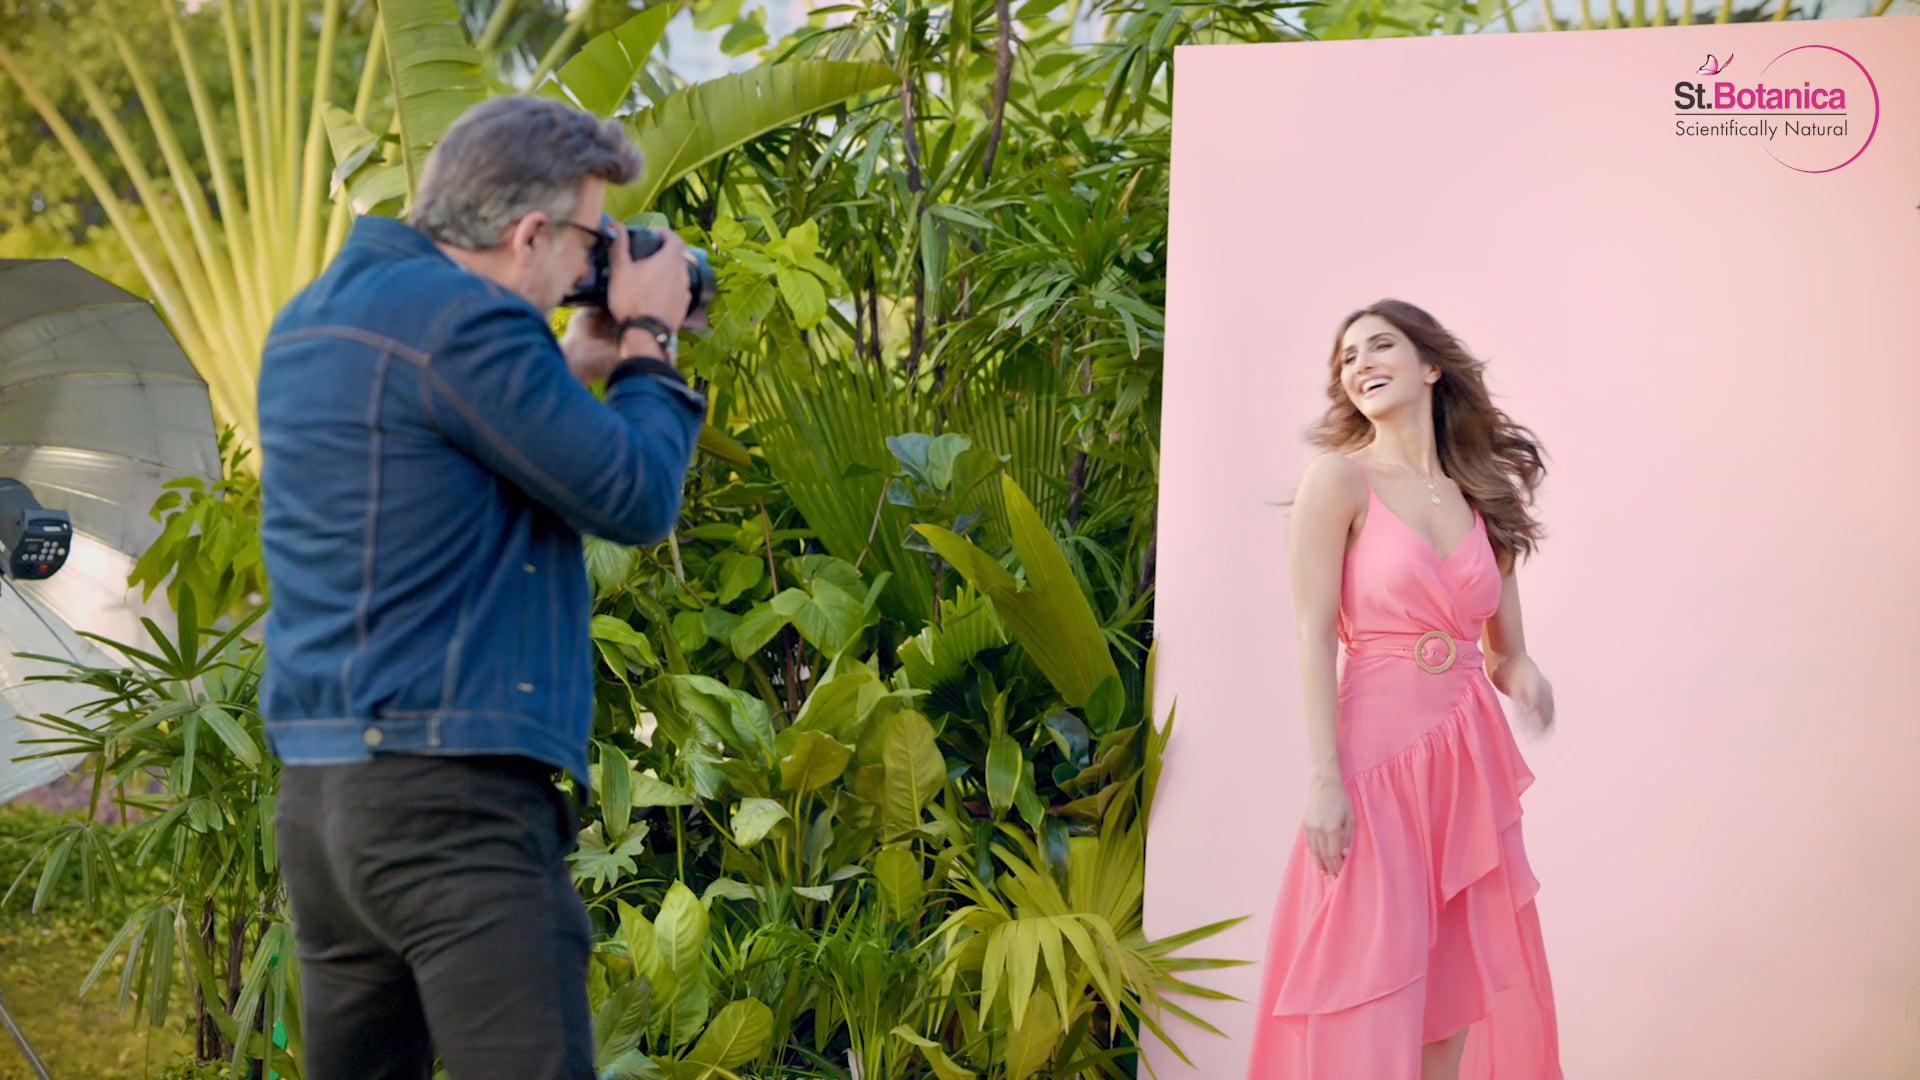 St Botanica Skin Film With Vaani Kapoor